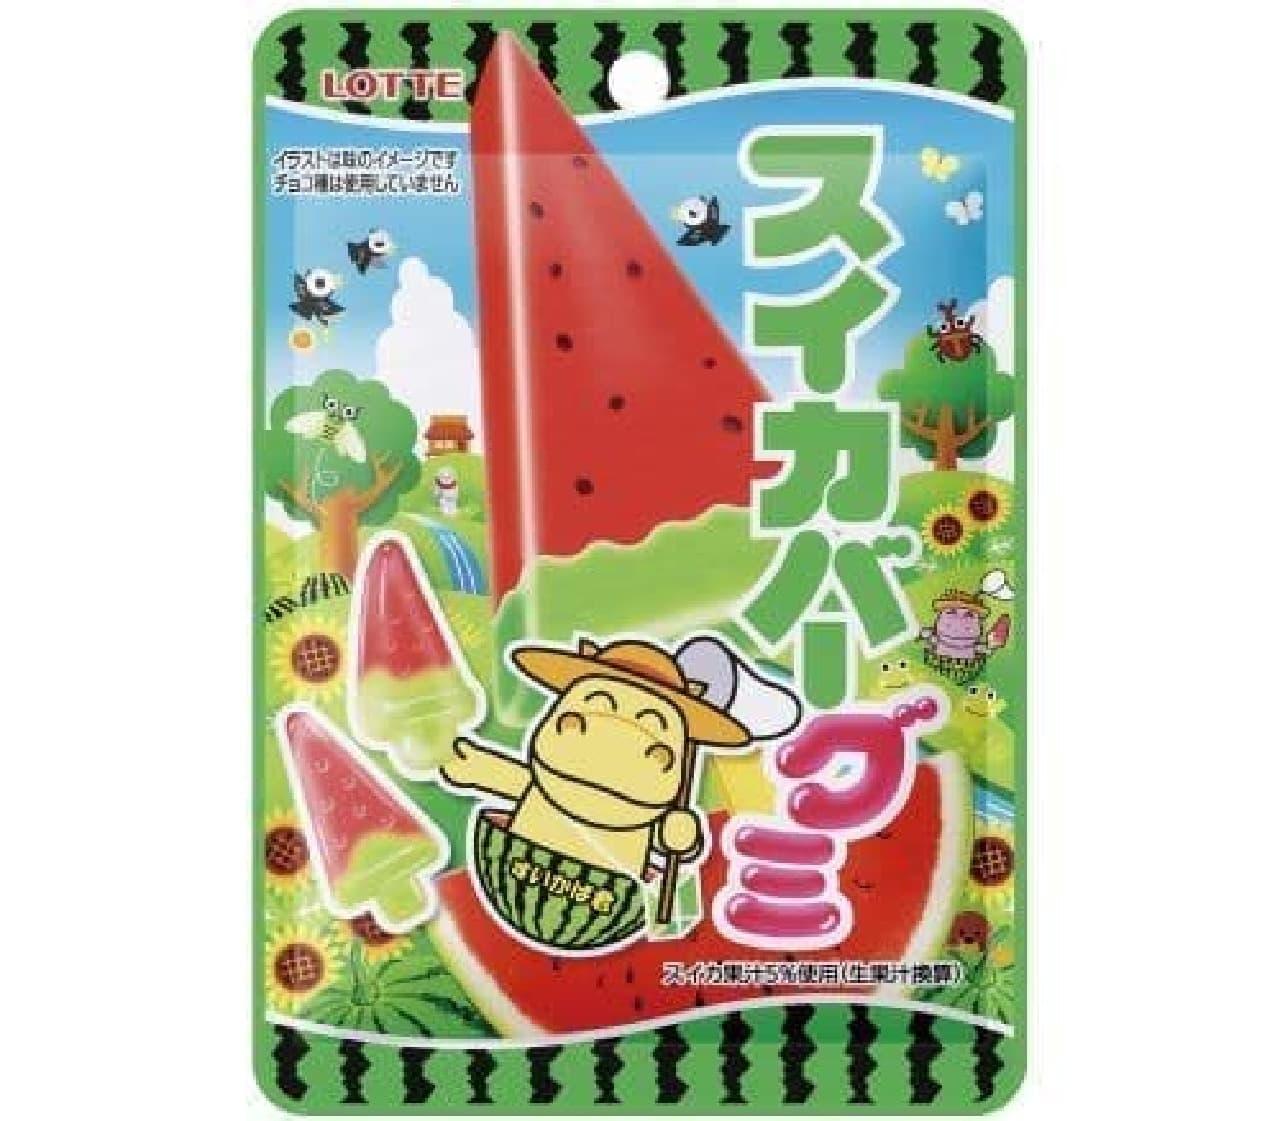 スイカバーグミは人気の氷菓「スイカバー」の味わいと形状が再現されたグミ